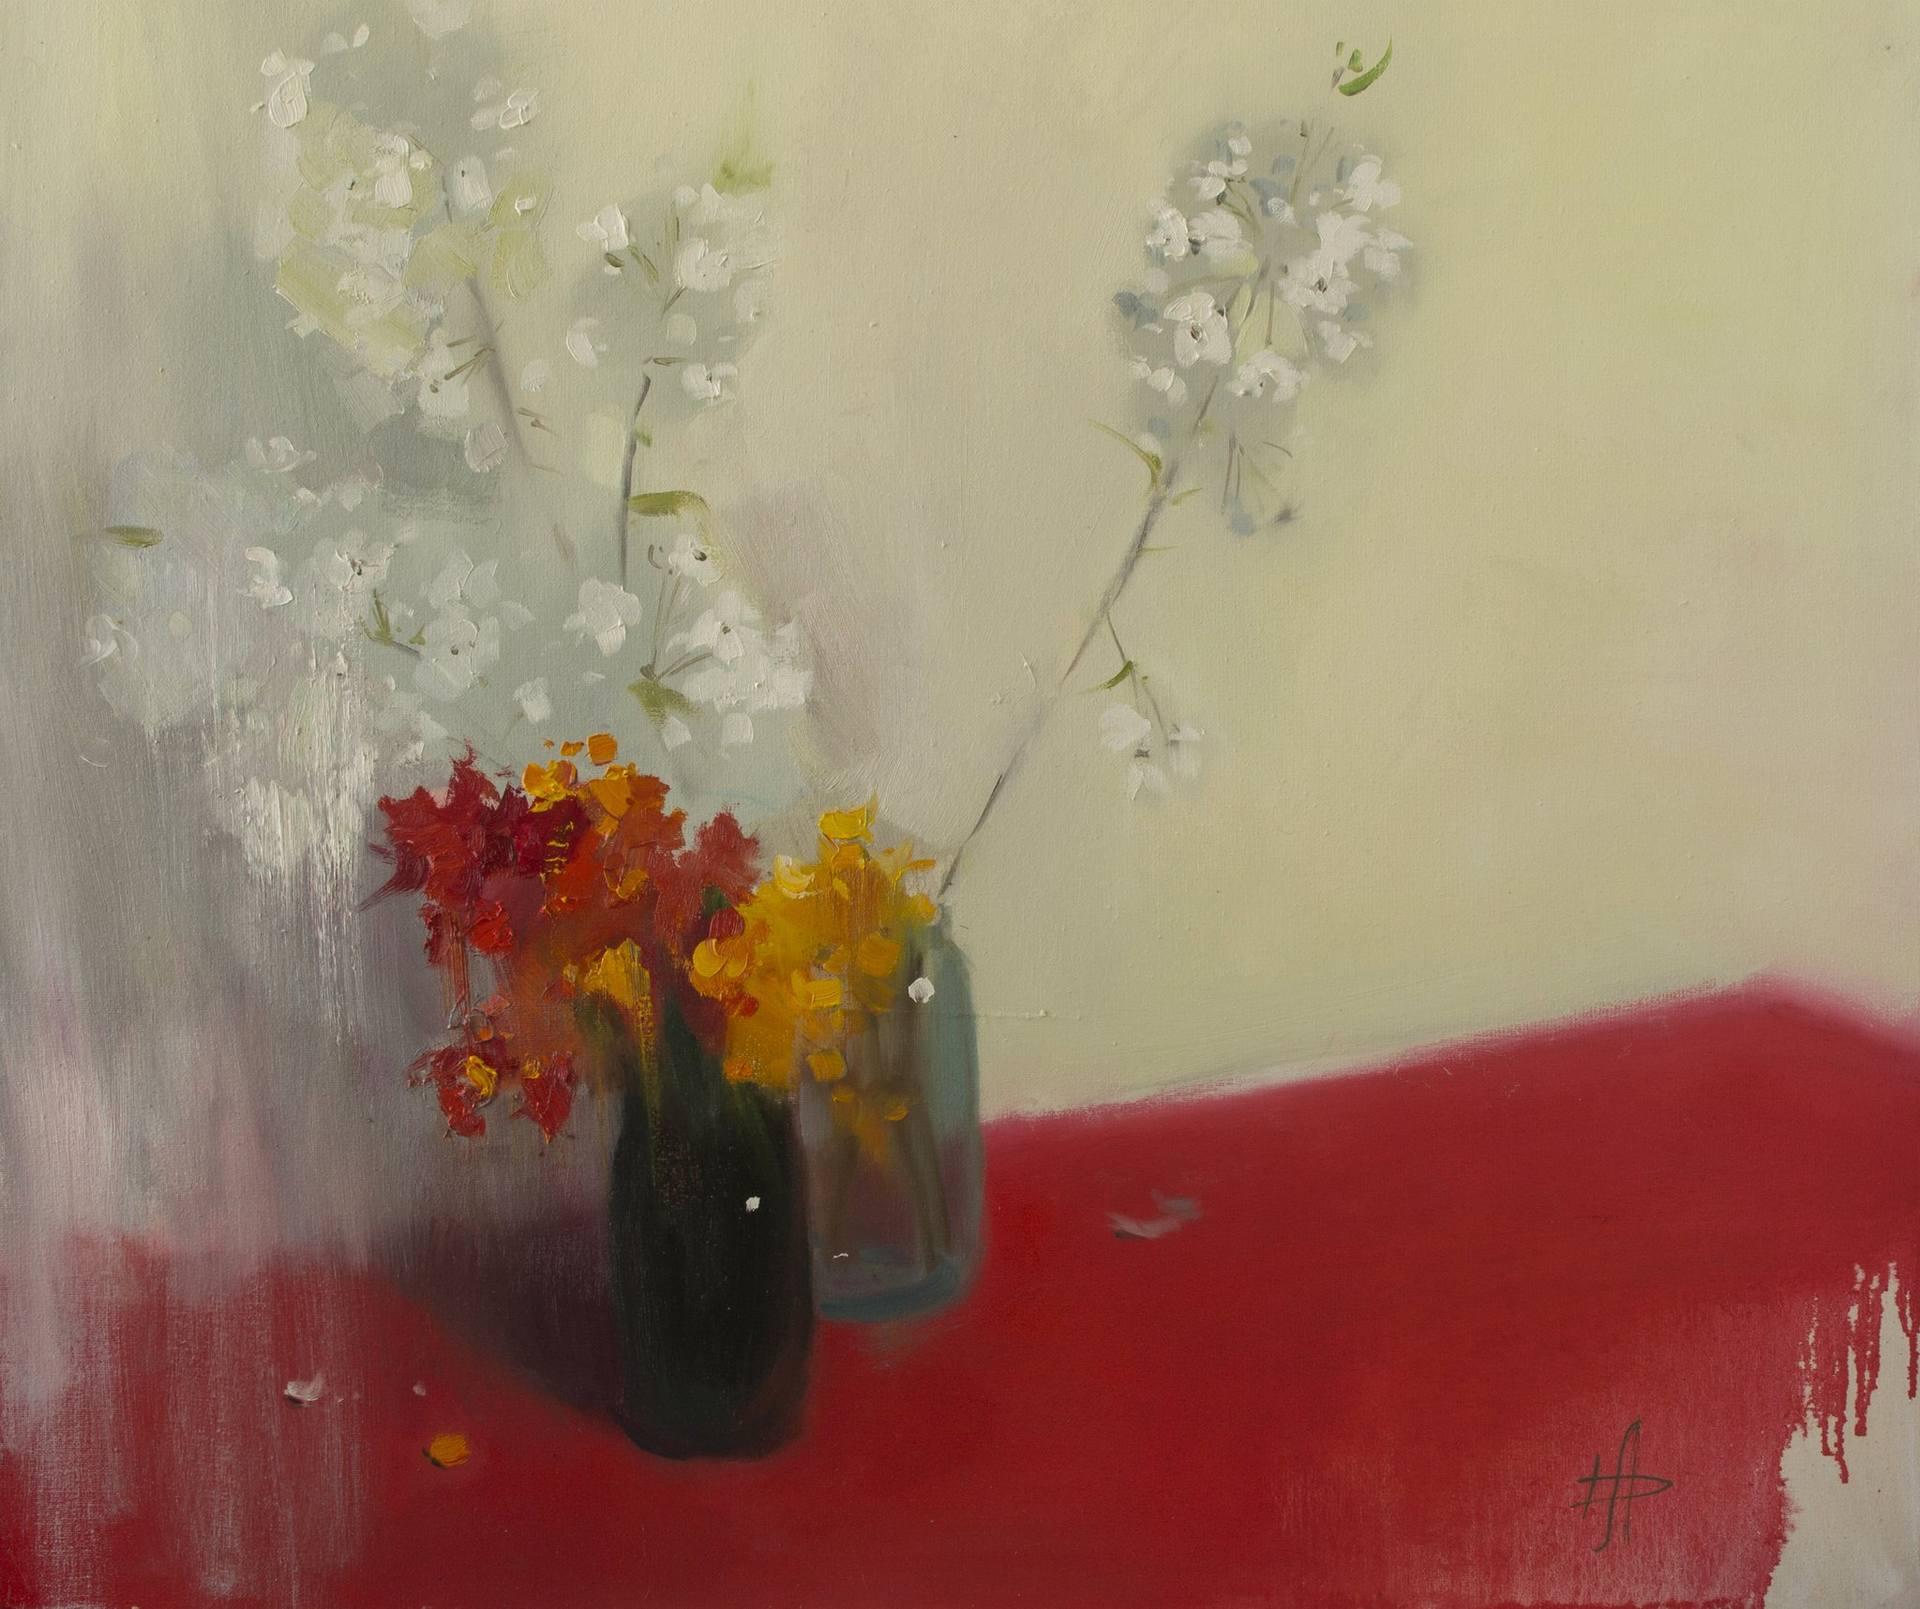 14620200_Spring inspiration( cảm hứng mùa xuân)